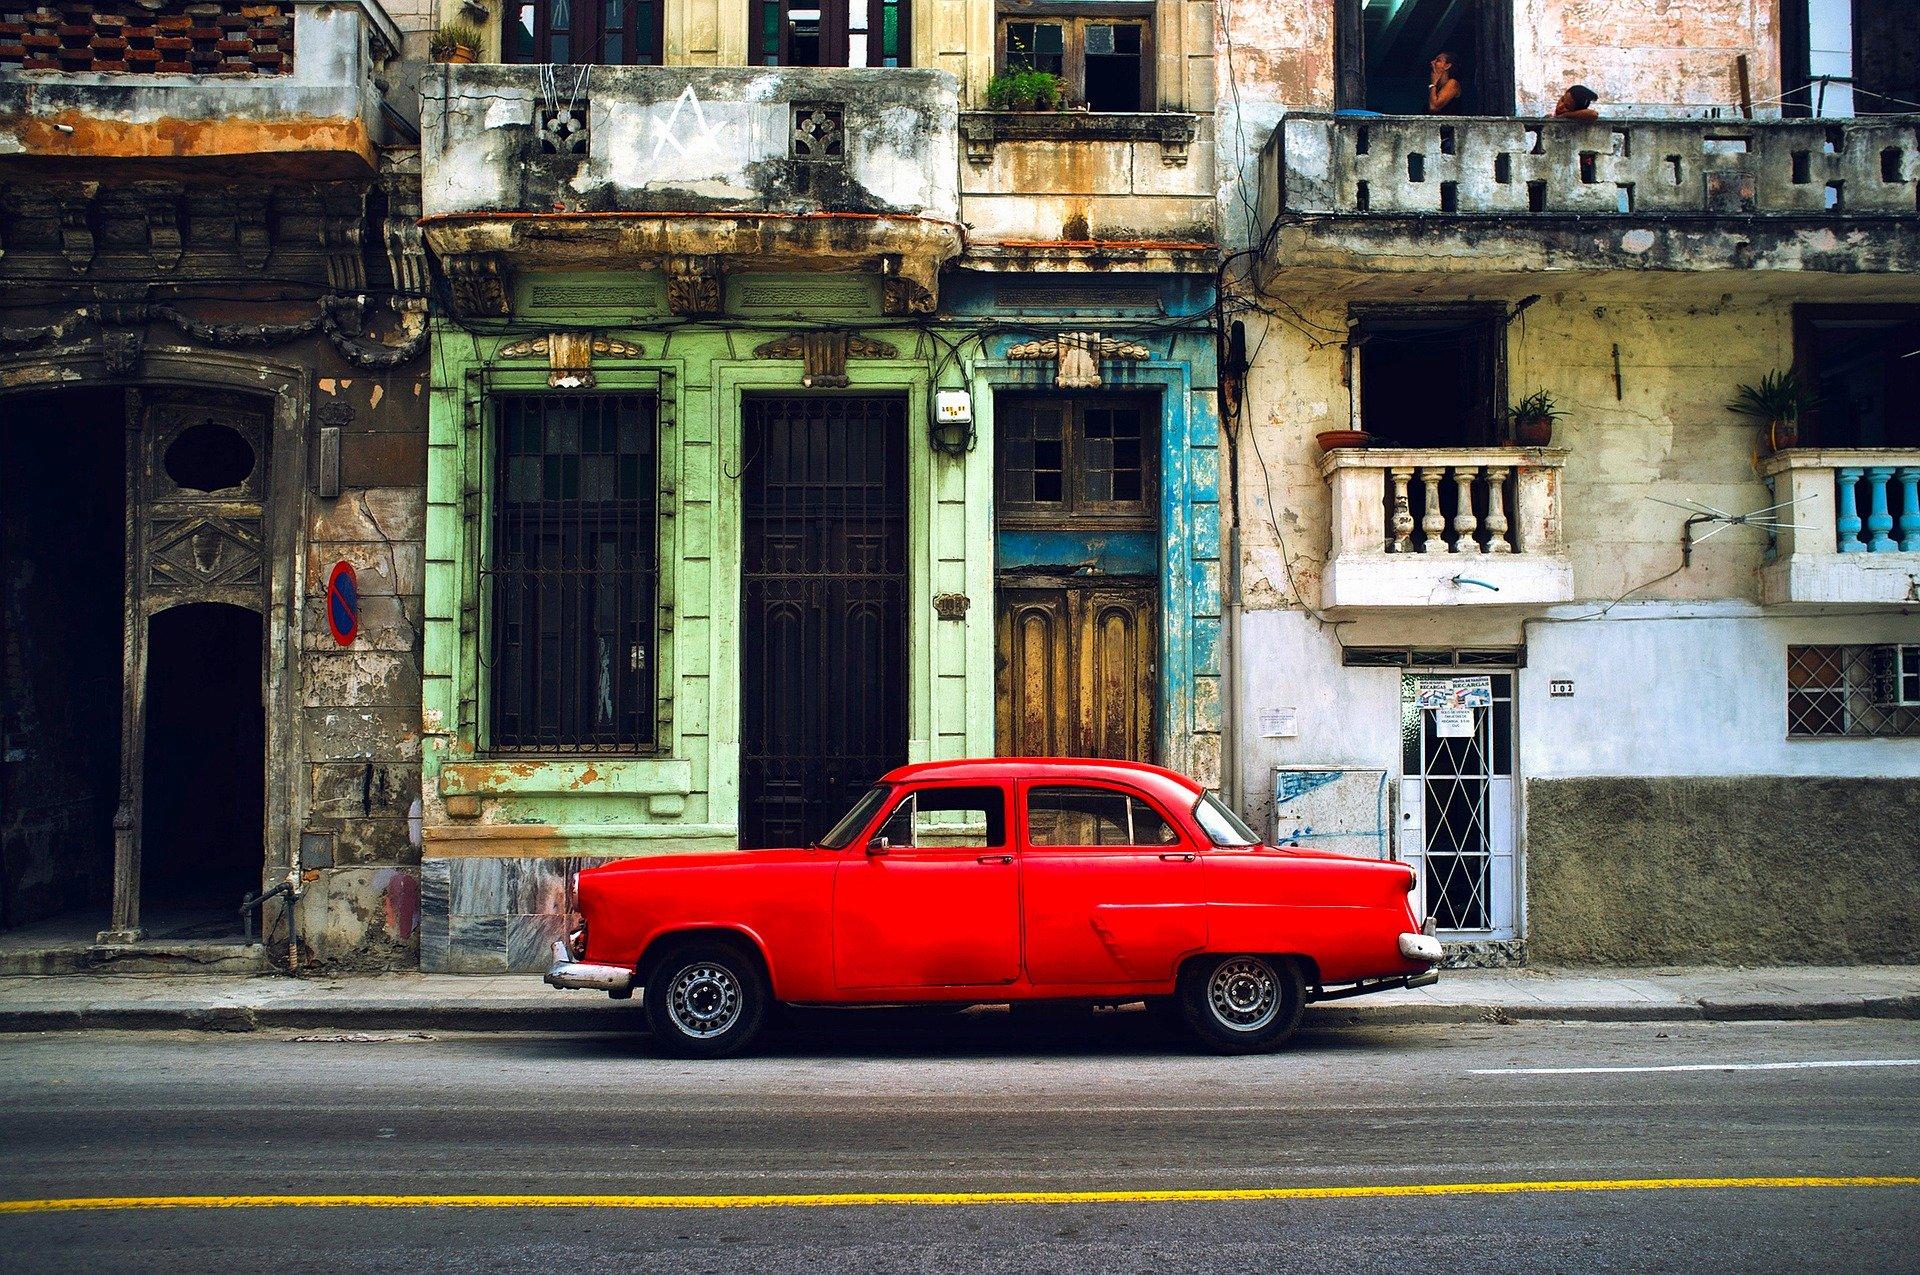 La Havane, immeuble et voiture rouge